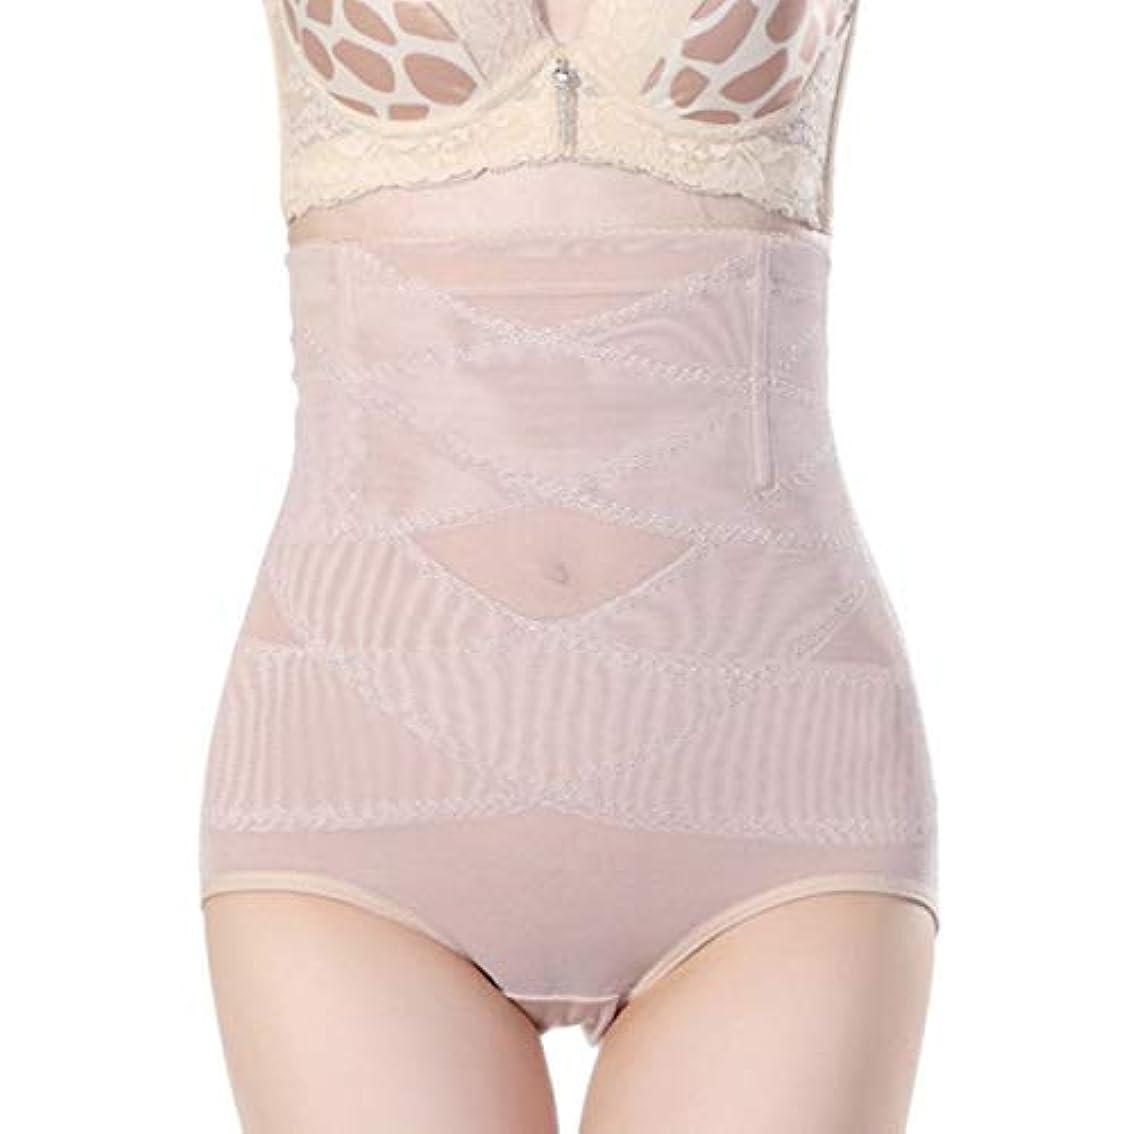 結果として重要性今日腹部制御下着シームレスおなかコントロールパンティーバットリフターボディシェイパーを痩身通気性のハイウエストの女性 - 肌色3 XL